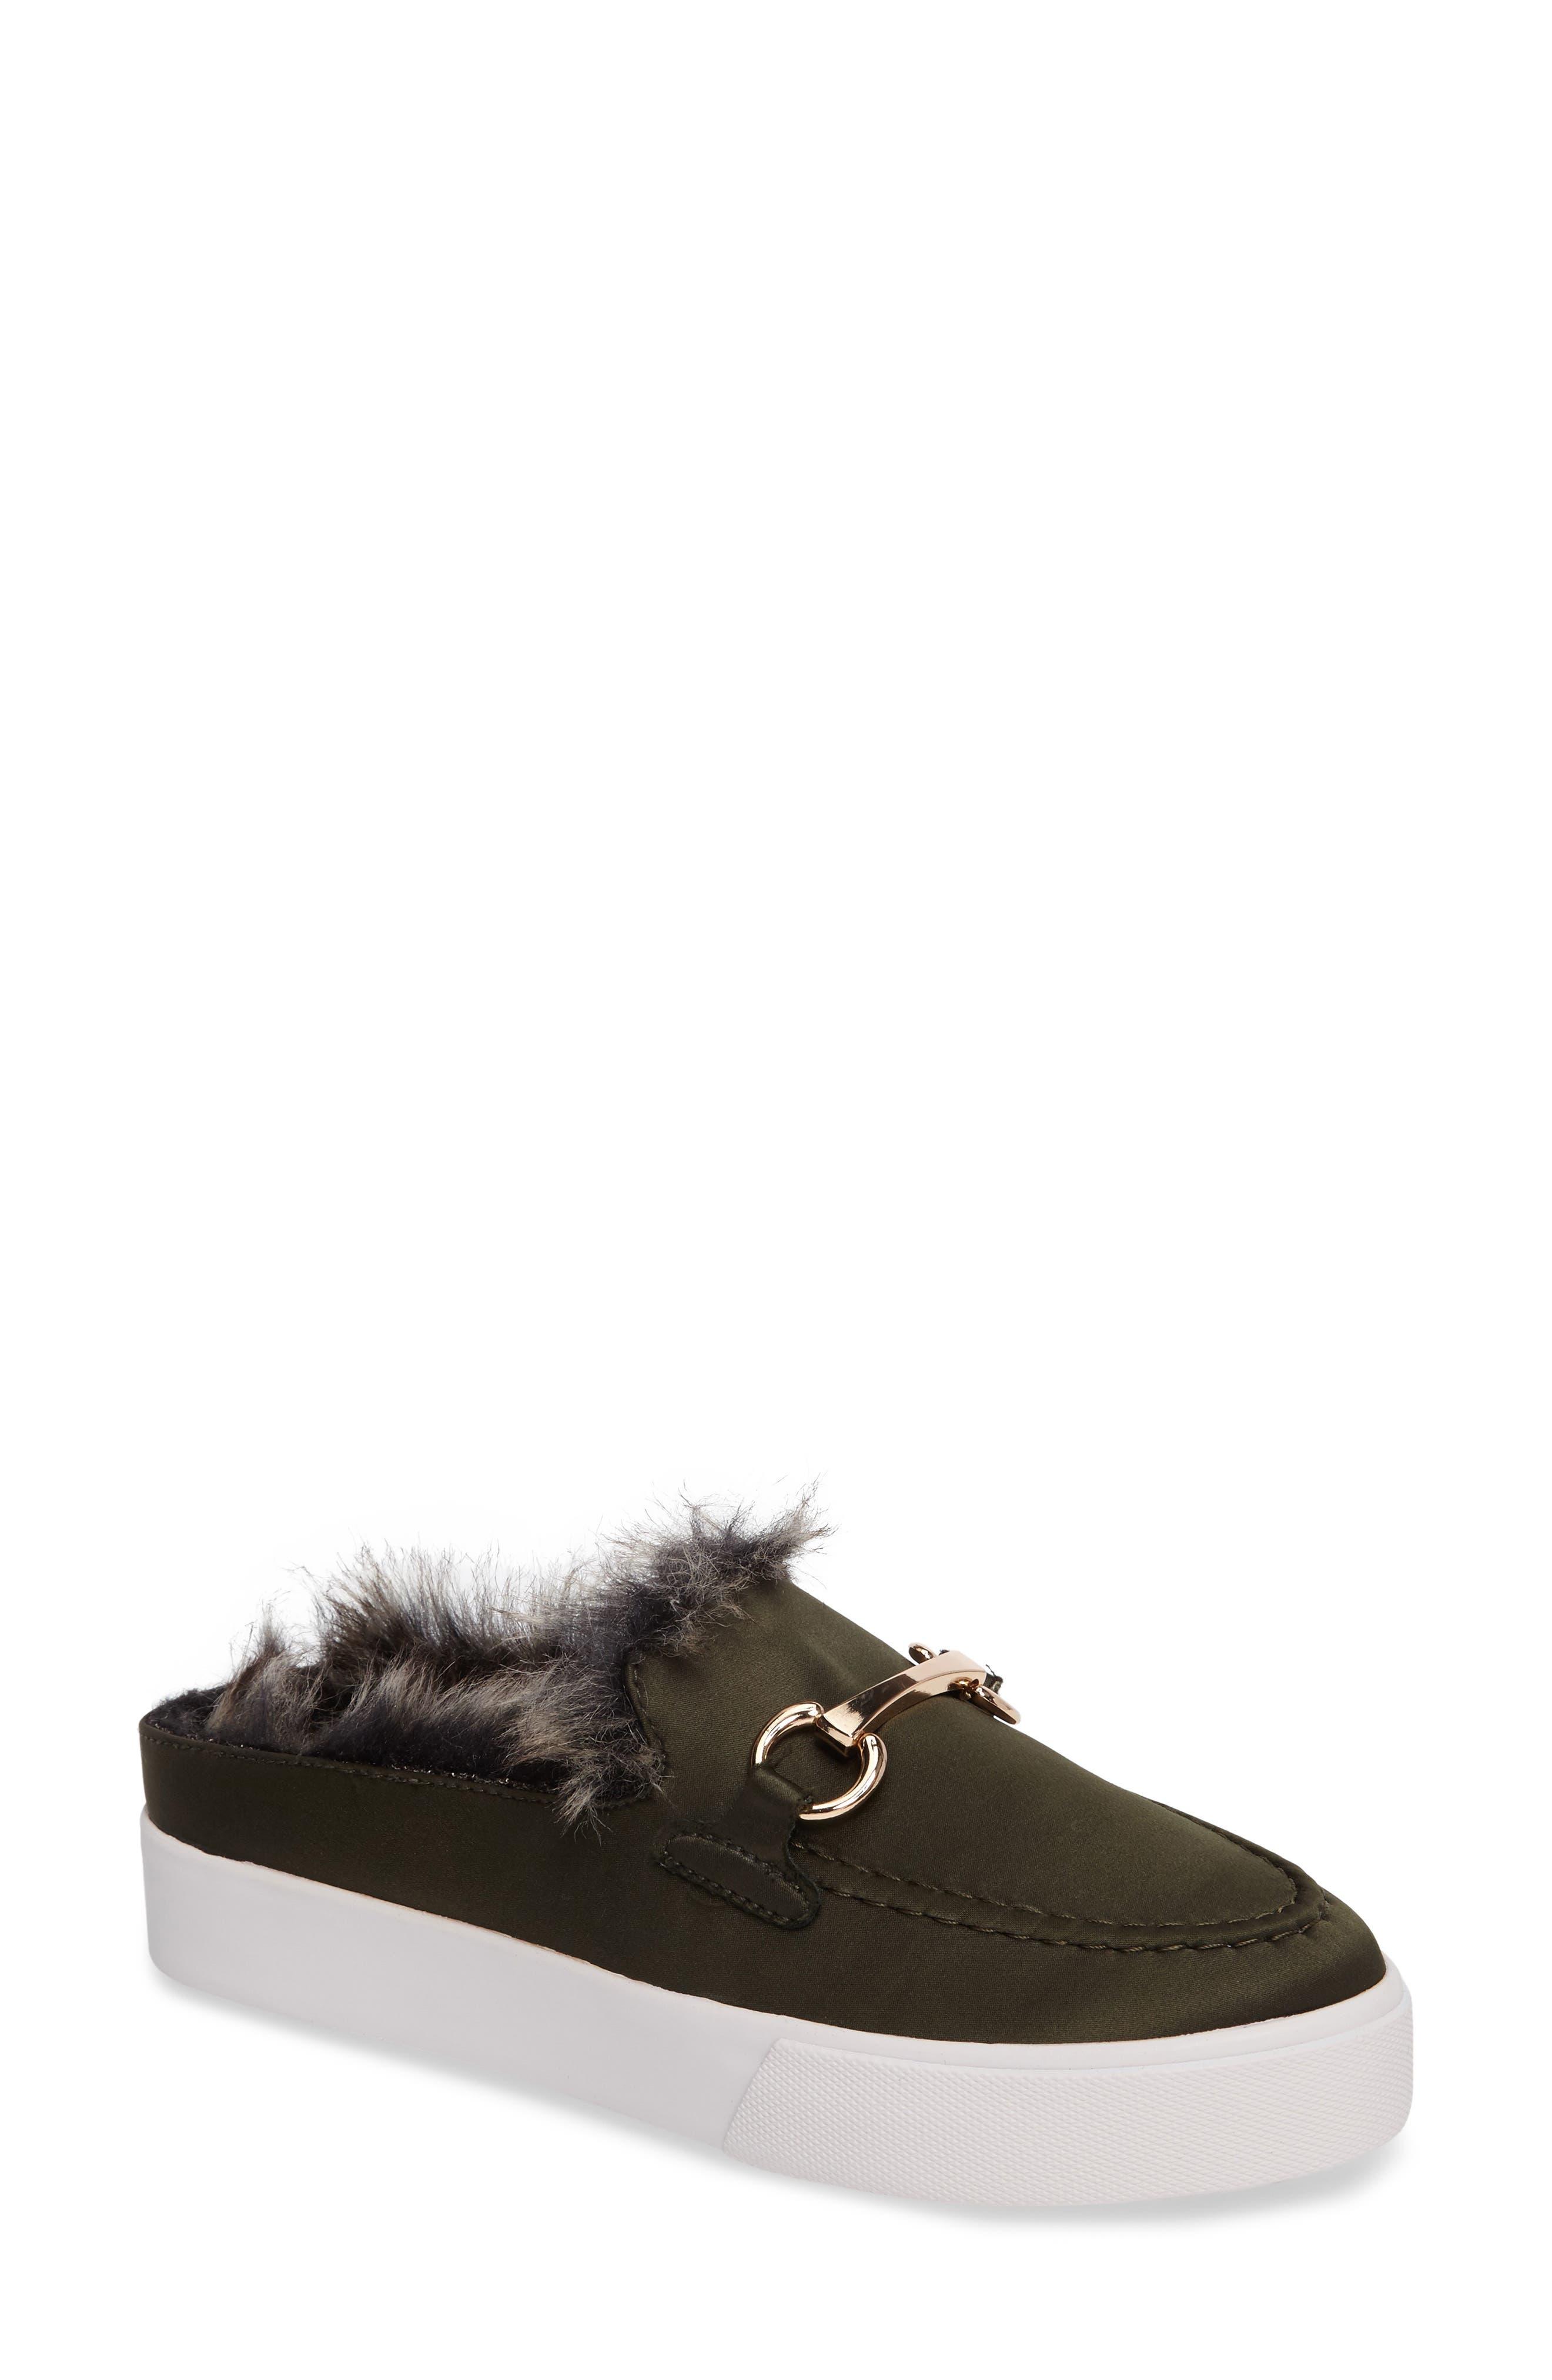 Main Image - Jeffrey Campbell Tico Faux Fur Sneaker Mule (Women)